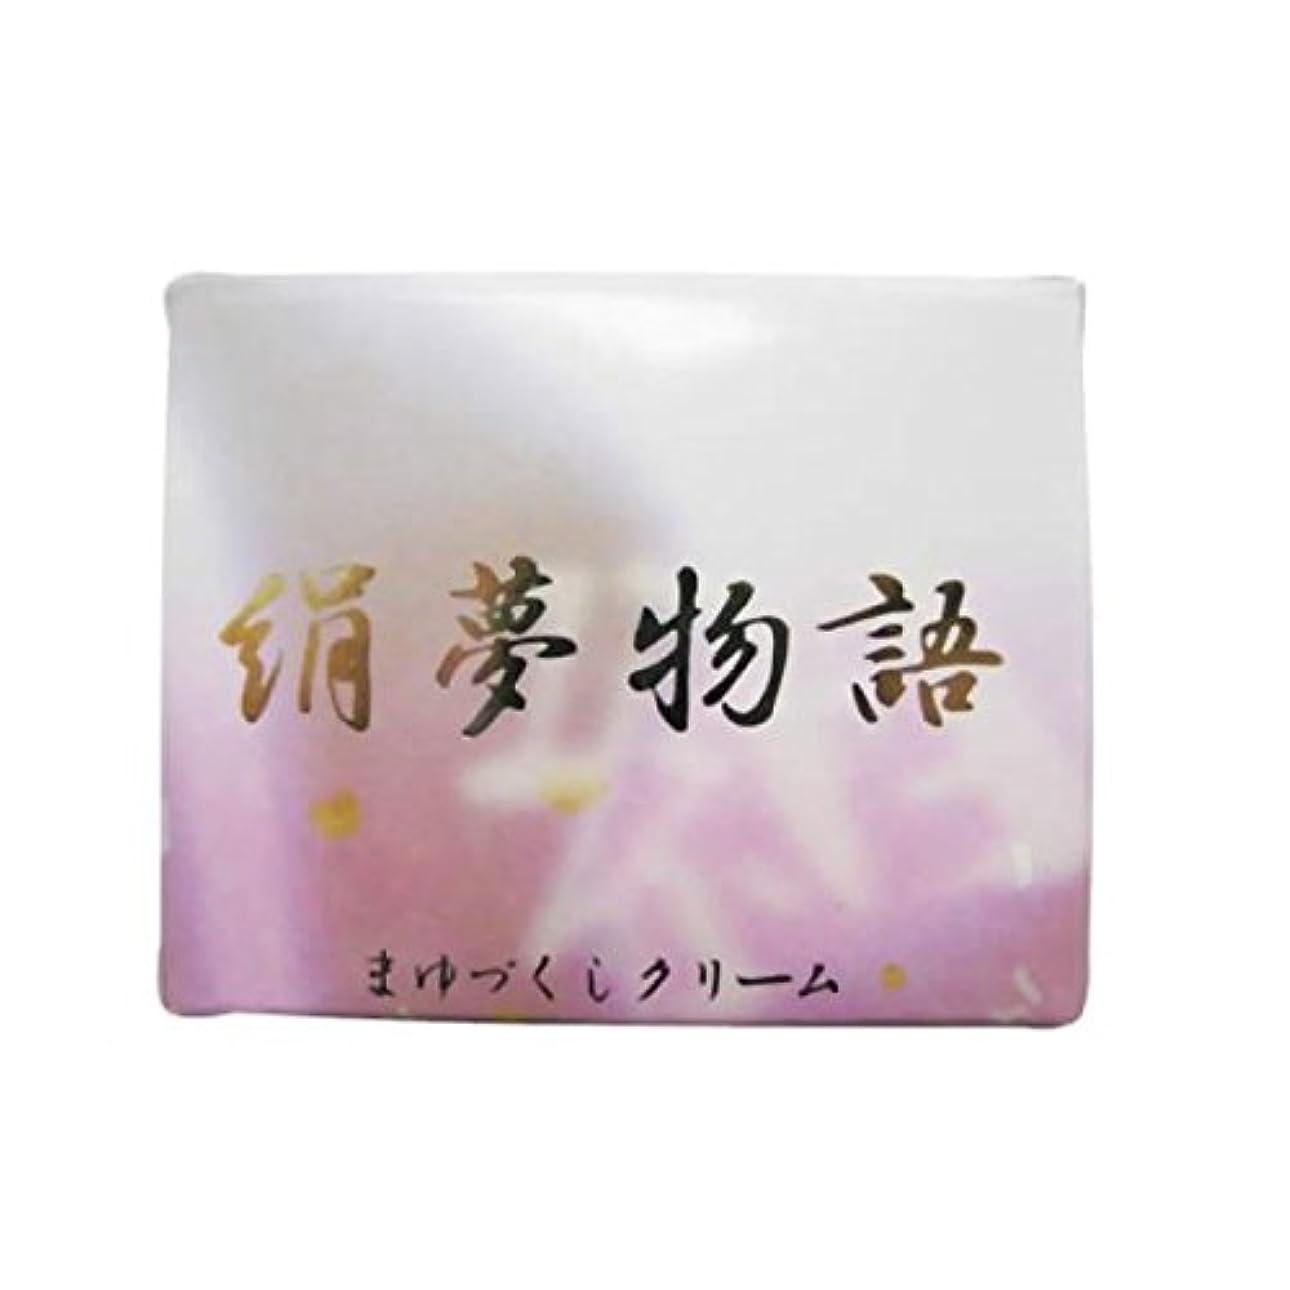 フォロー想定するはず【お徳用 2 セット】 絹夢物語 まゆづくしクリーム 35g×2セット